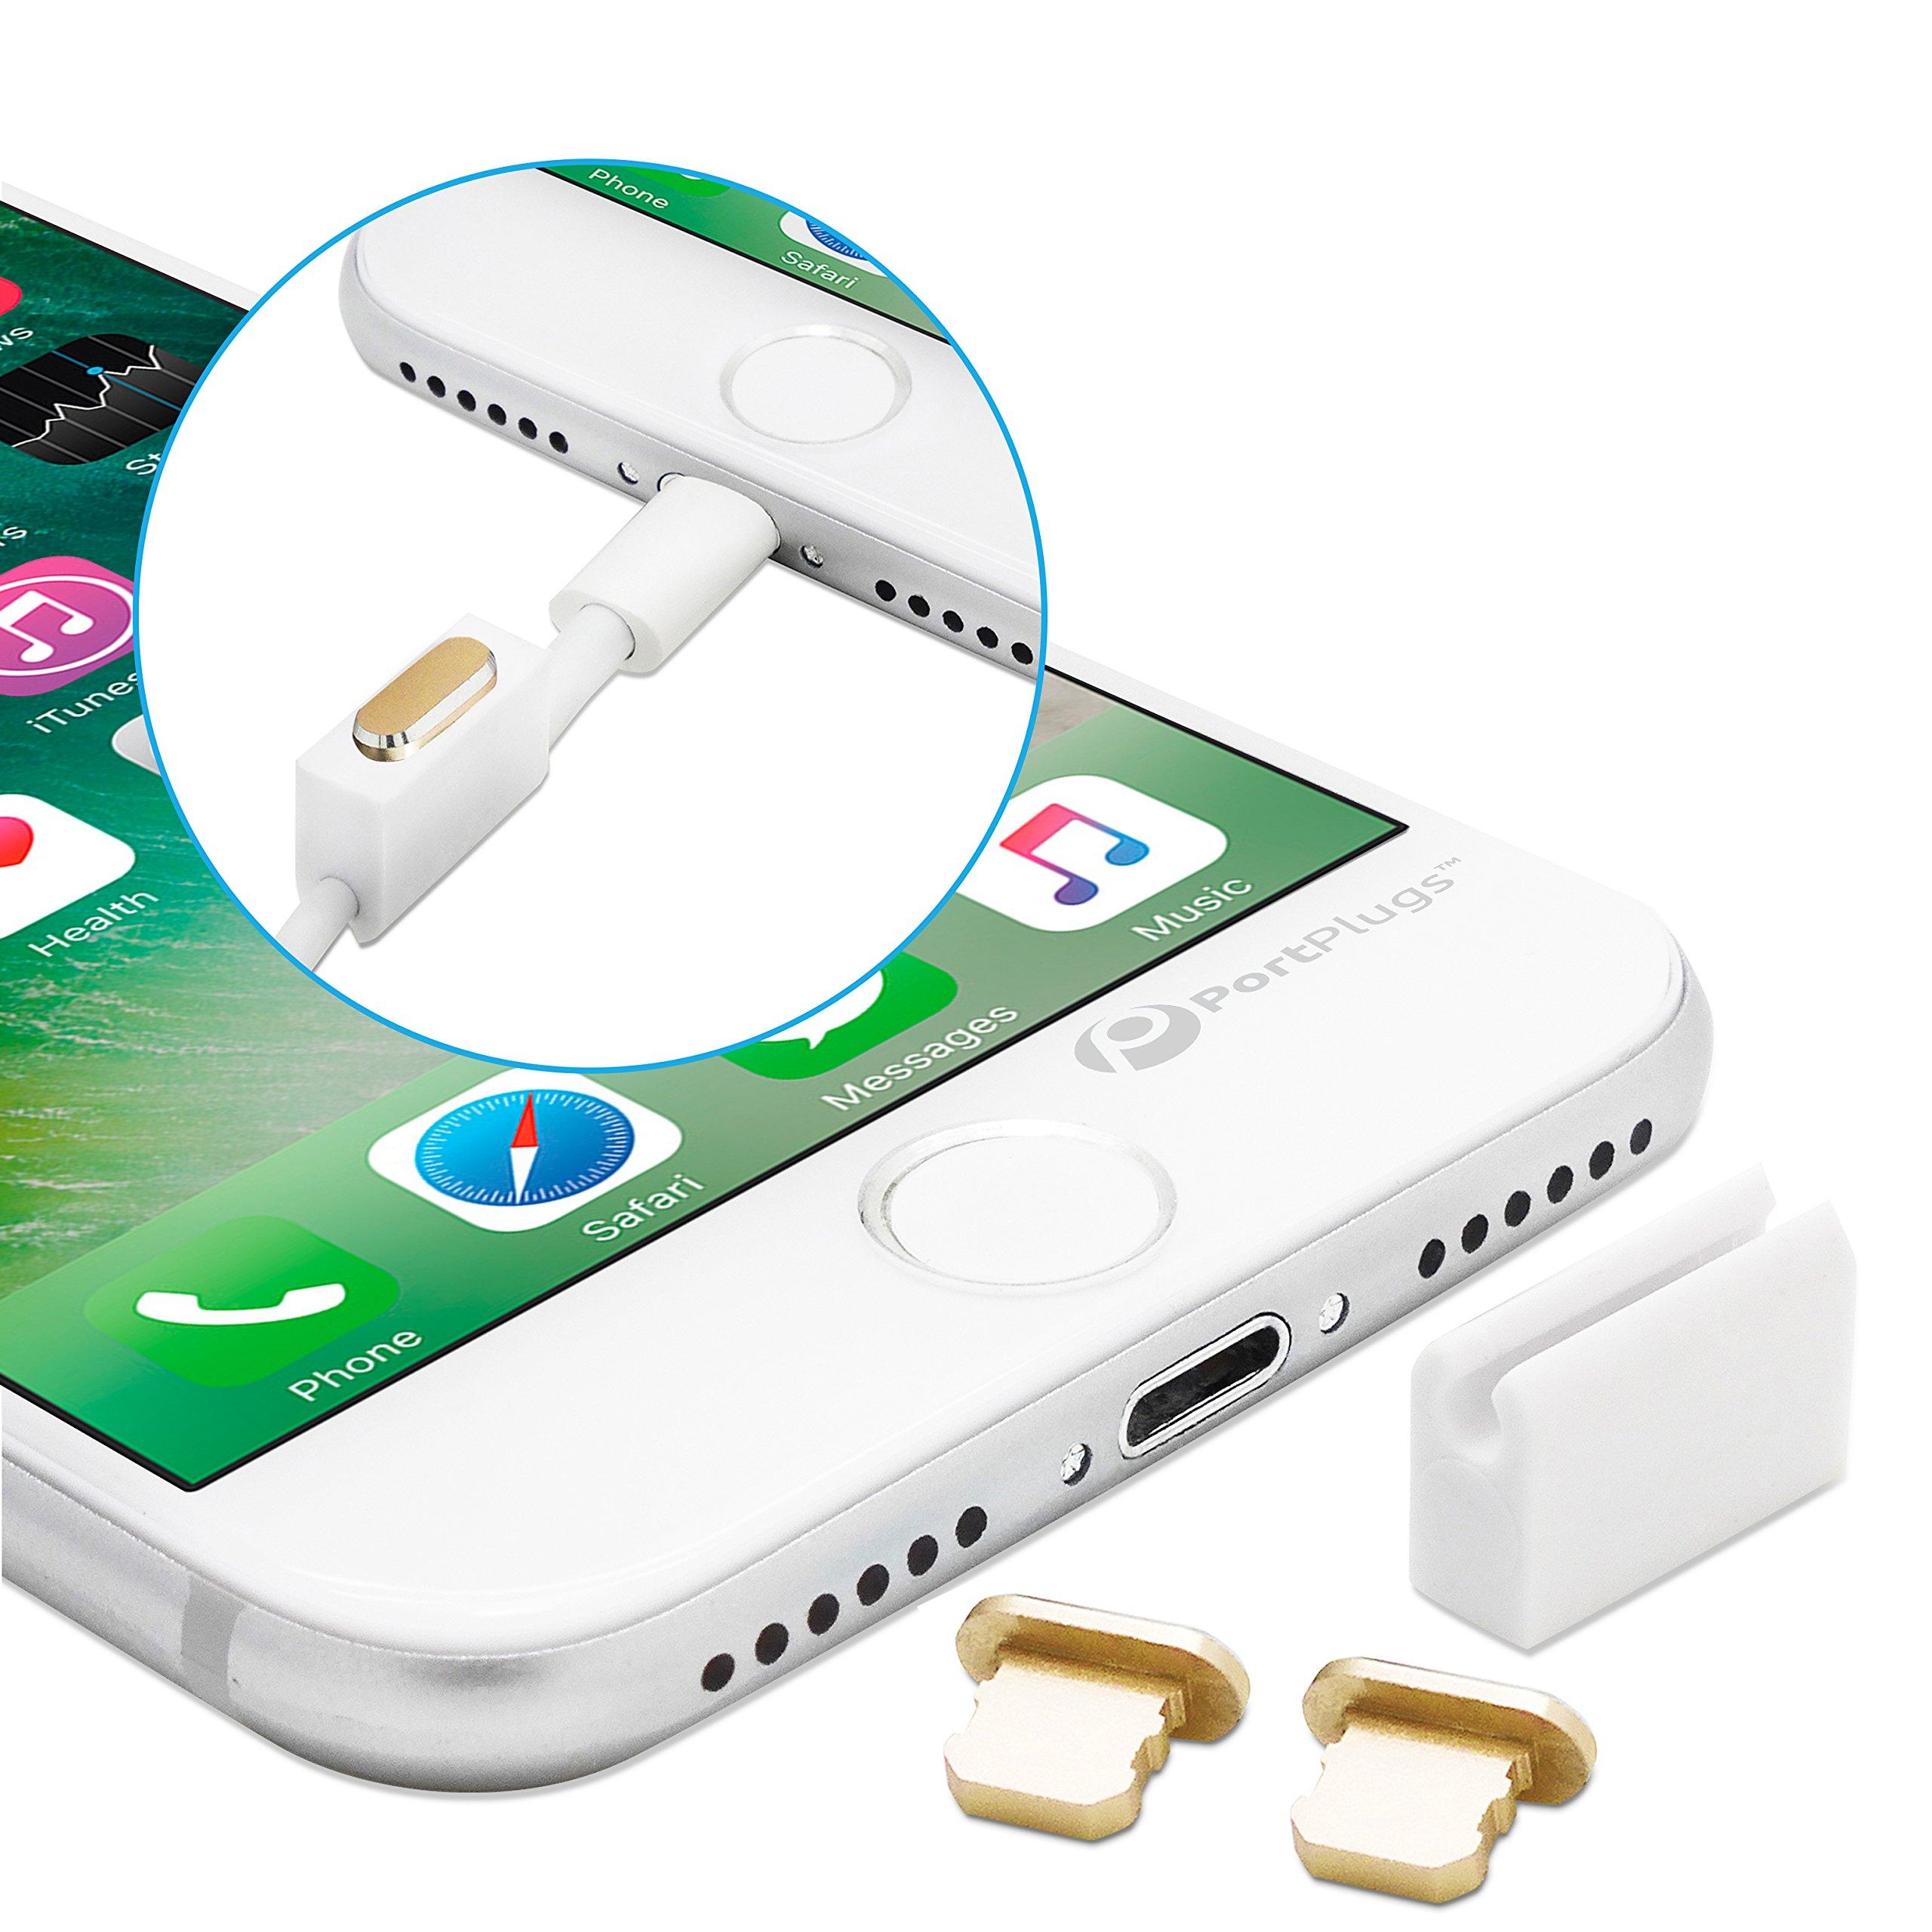 online retailer 0c3c0 7aa9b Buy Premium Aluminum iPhone Dust Plug Set- Lightning Port and ...